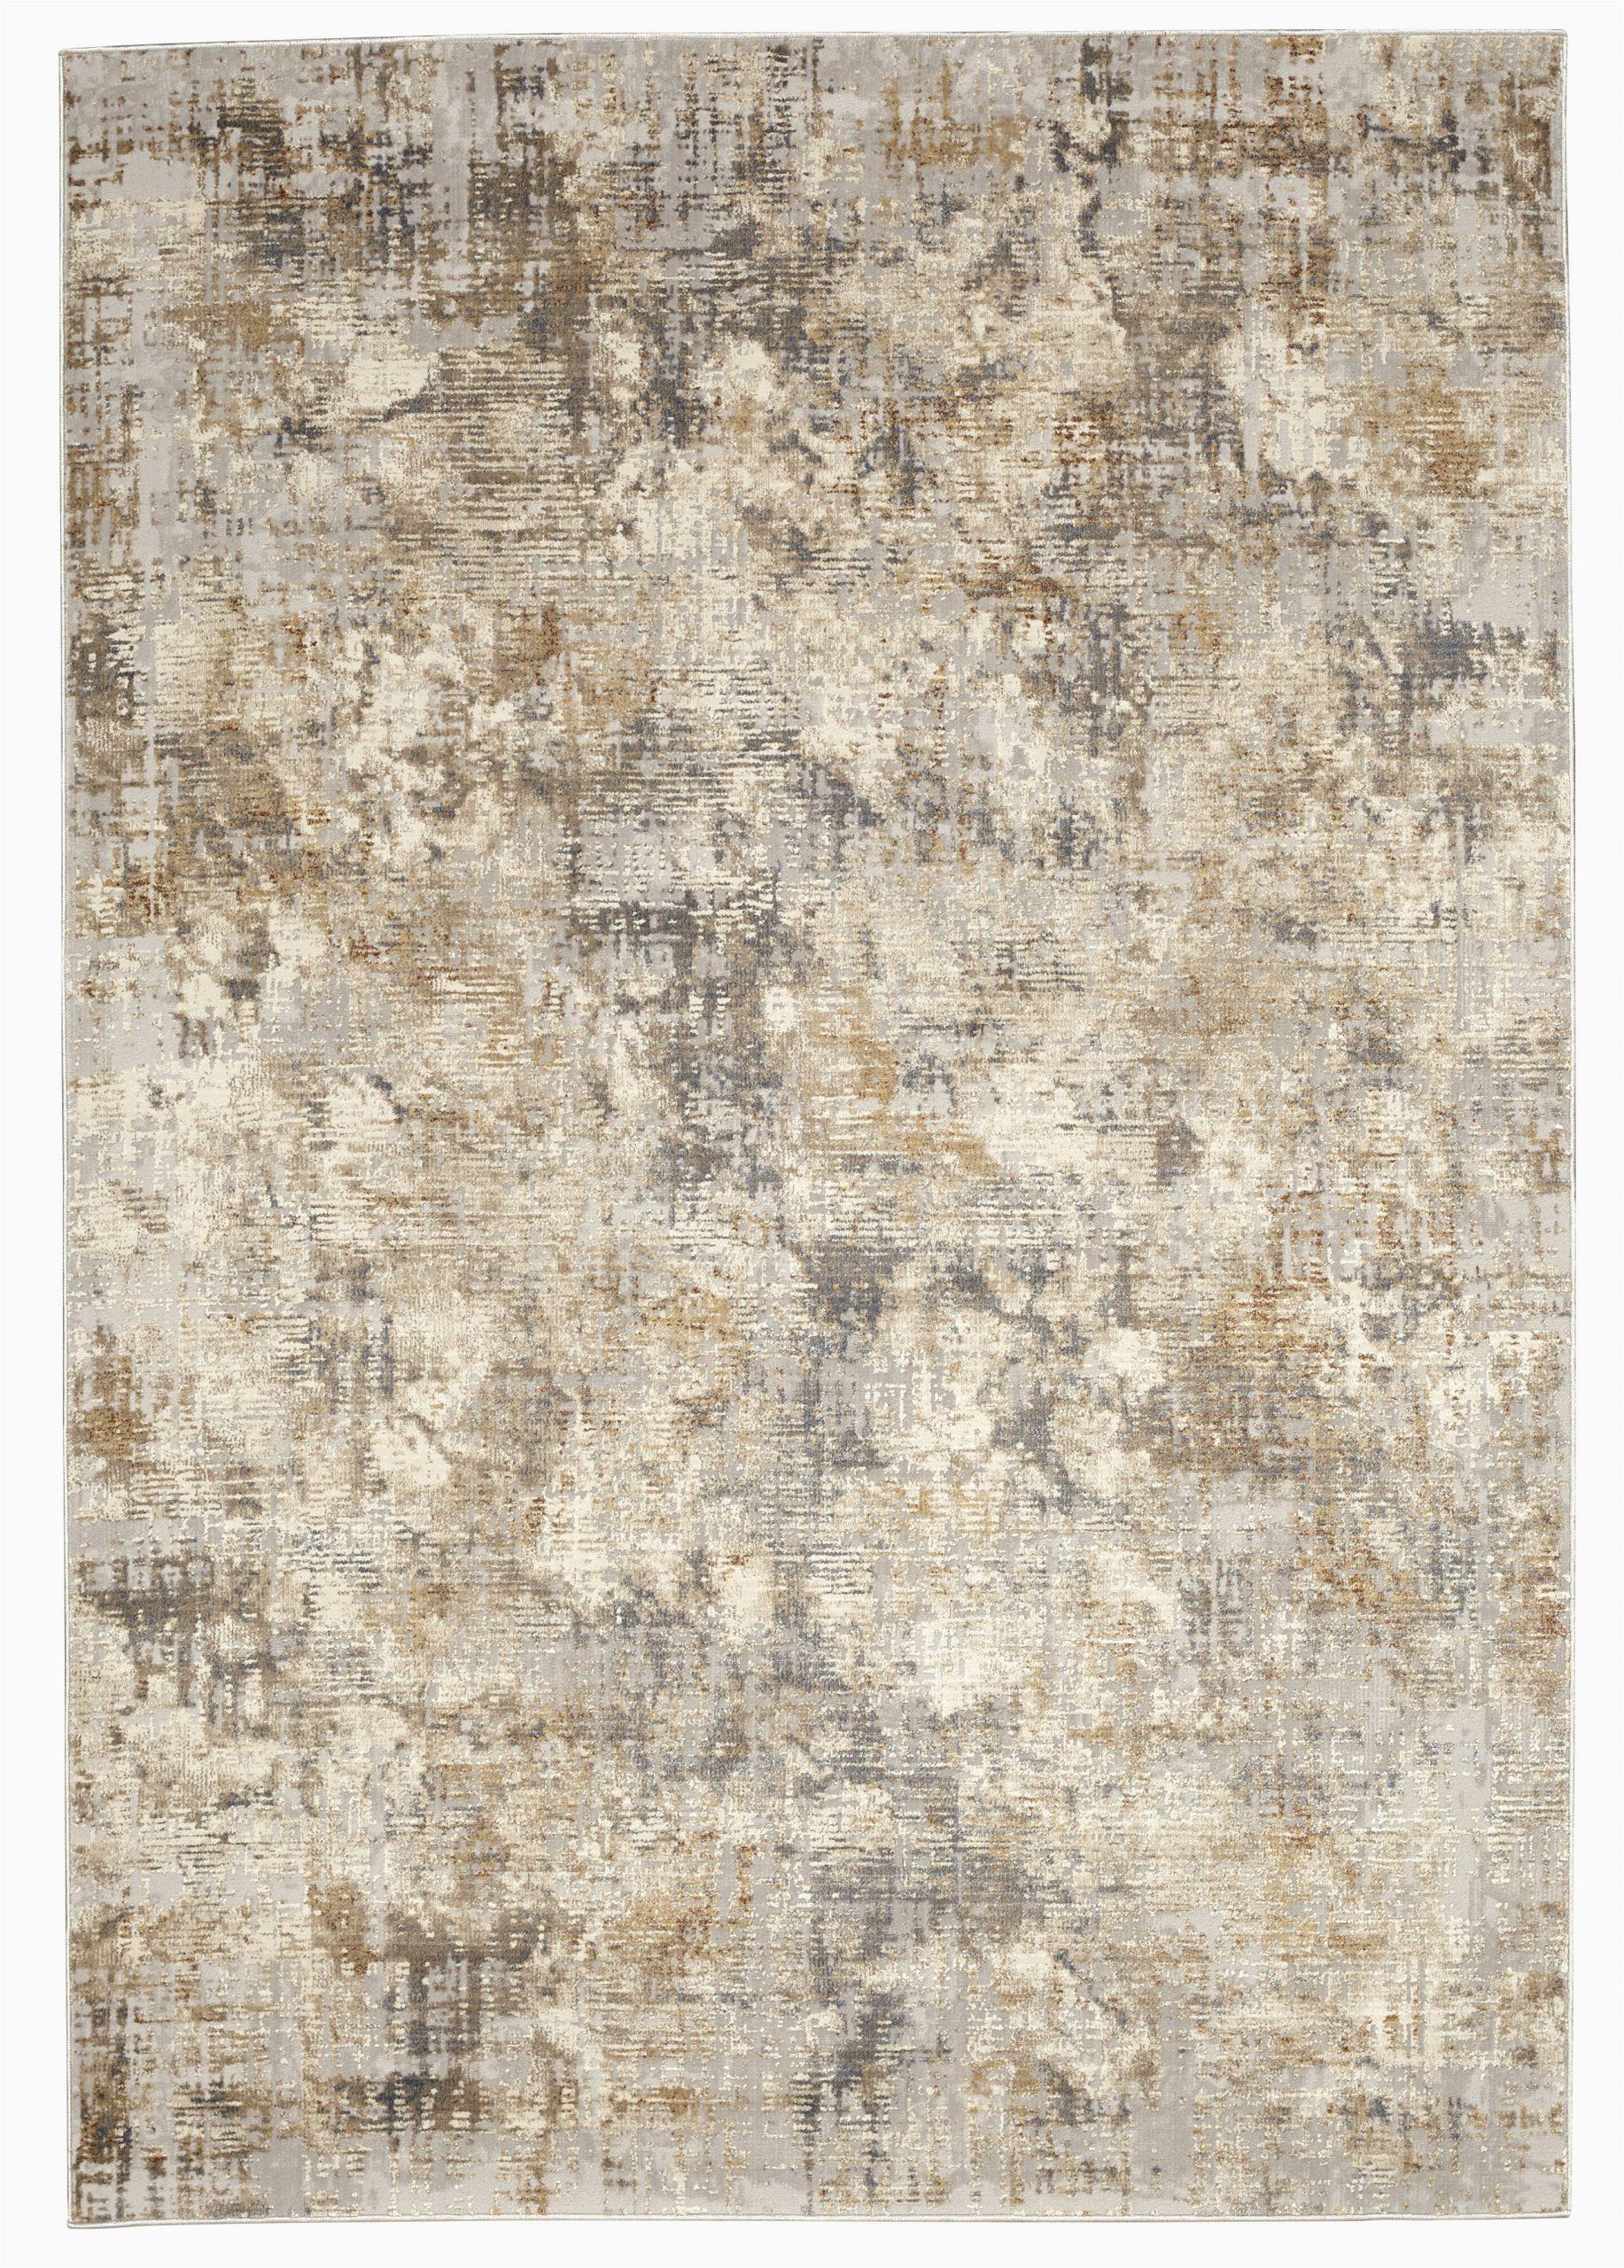 woodward soft grey area rug